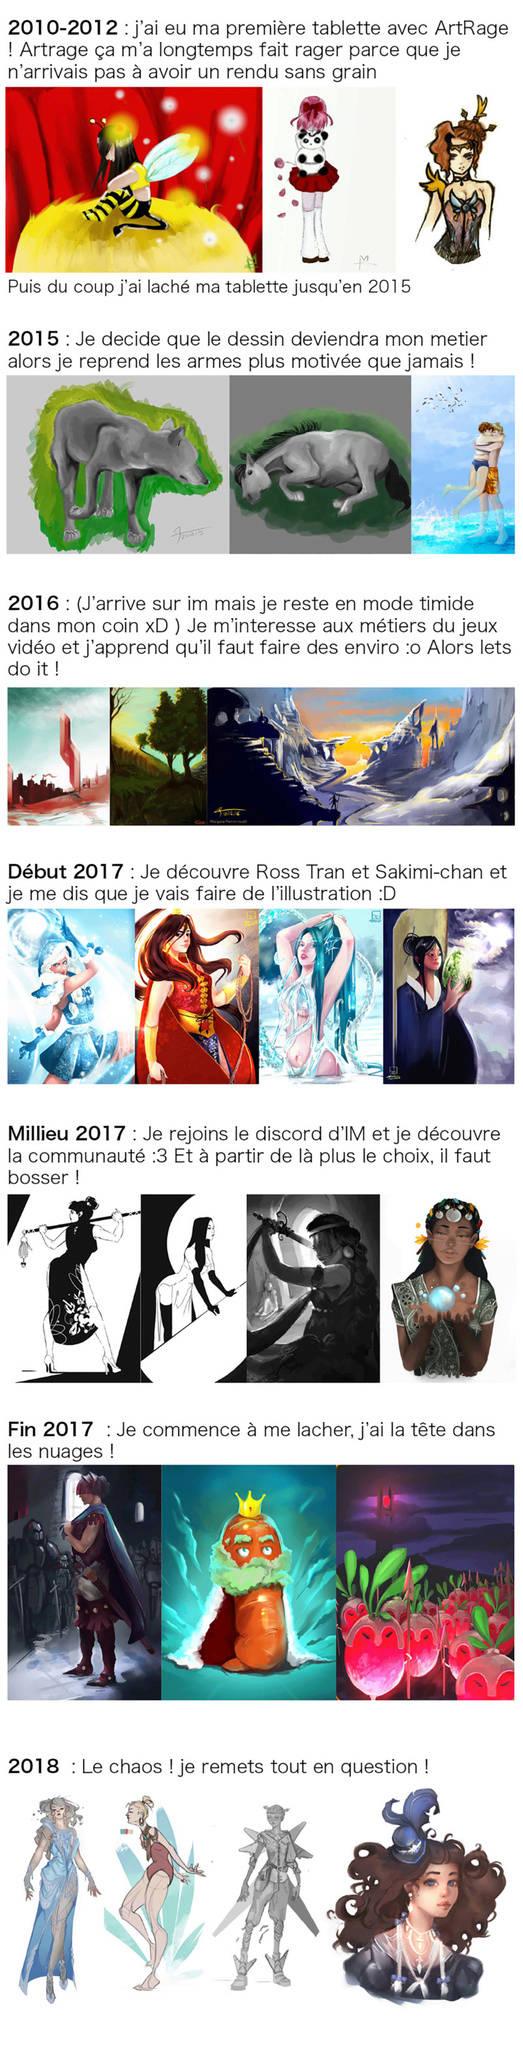 [inspi] Timeline - vos vieux dessins - Page 4 Timeli11